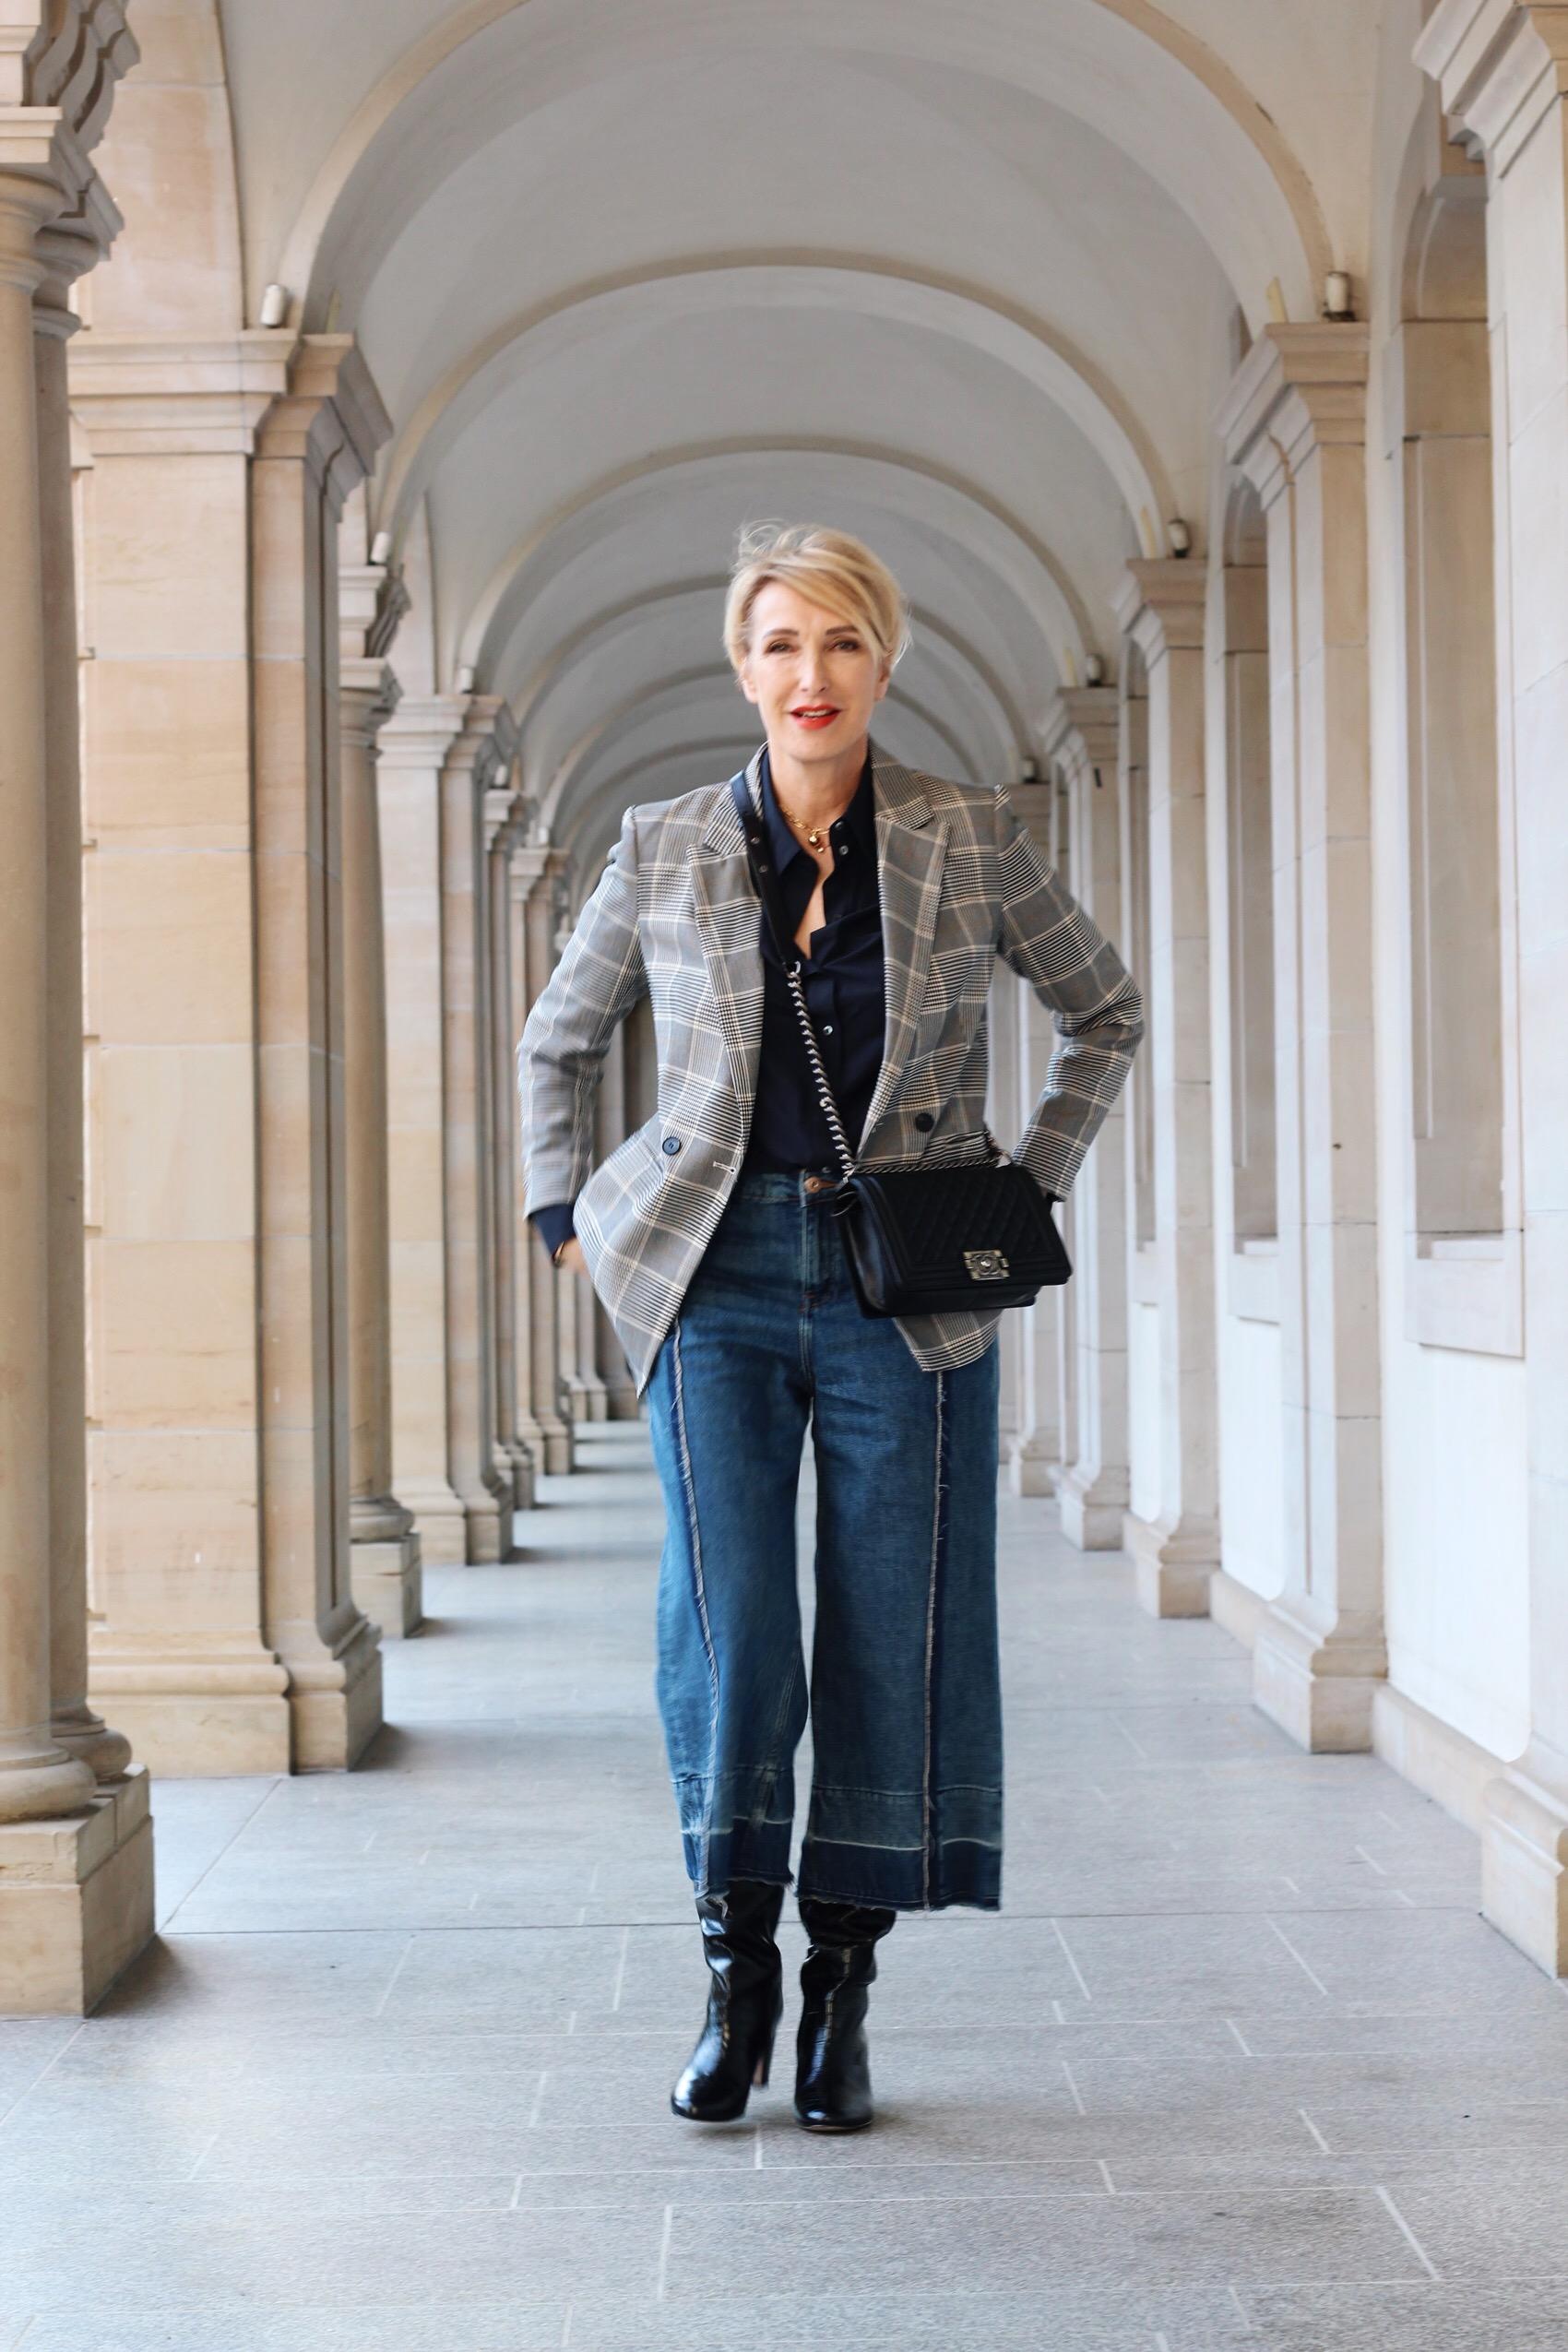 glamupyourlifestyle stiefel Schuh-Trend Hose-in-Stiefel Schaftstiefel ue-40-blog ue-50-blog culotte karierter-blazer